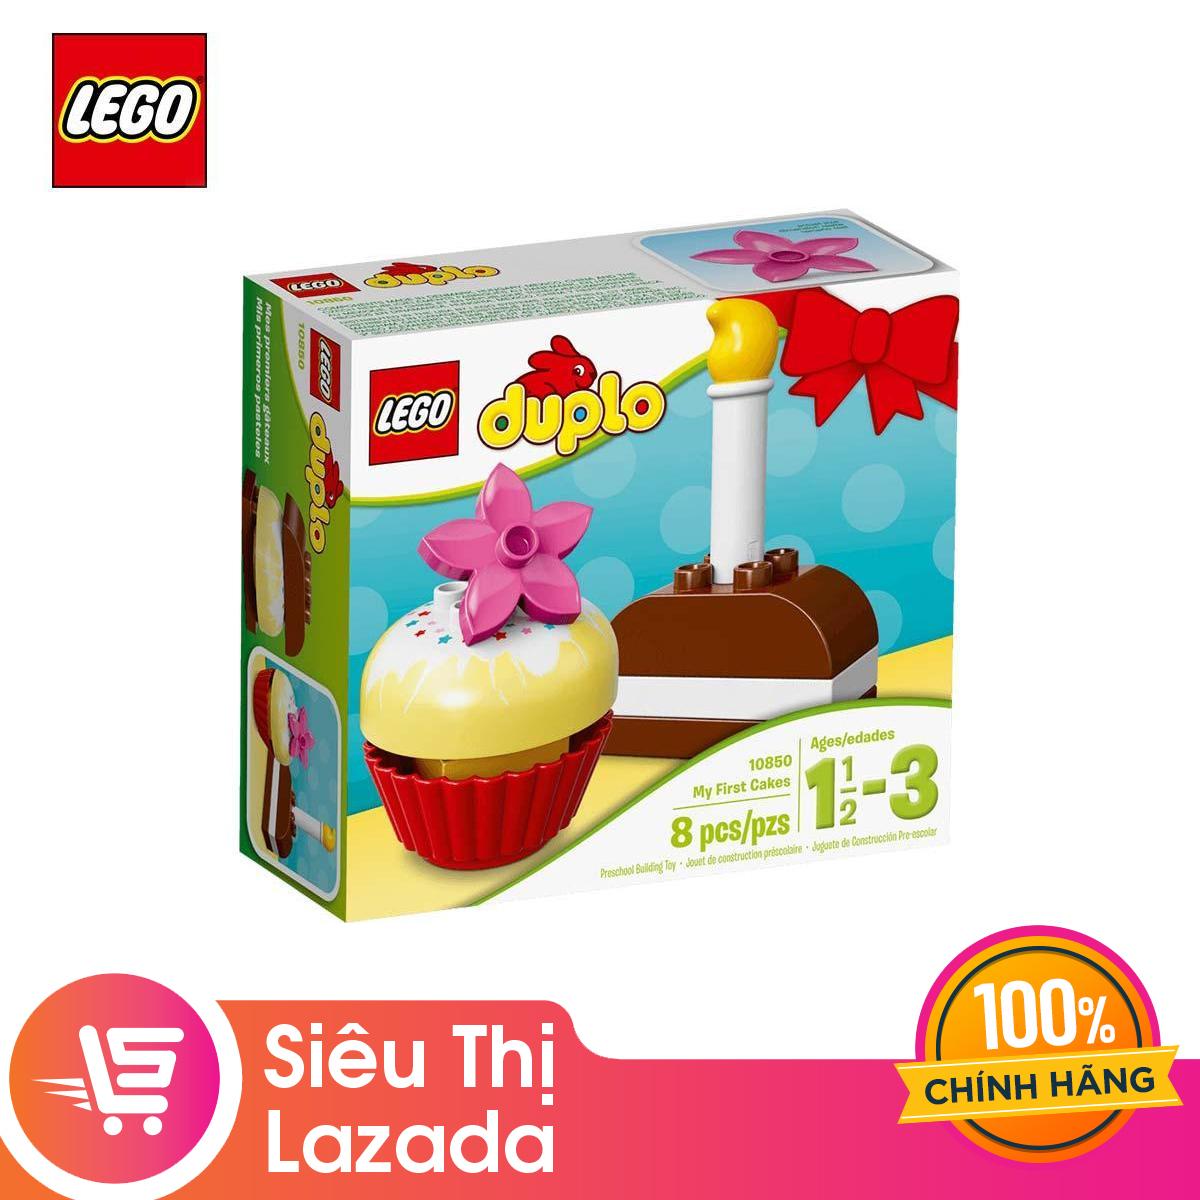 Voucher tại Lazada cho [Voucher Freeship 30k]Đồ Chơi Lắp Ráp Lego Bánh Kem Đầu Tiên